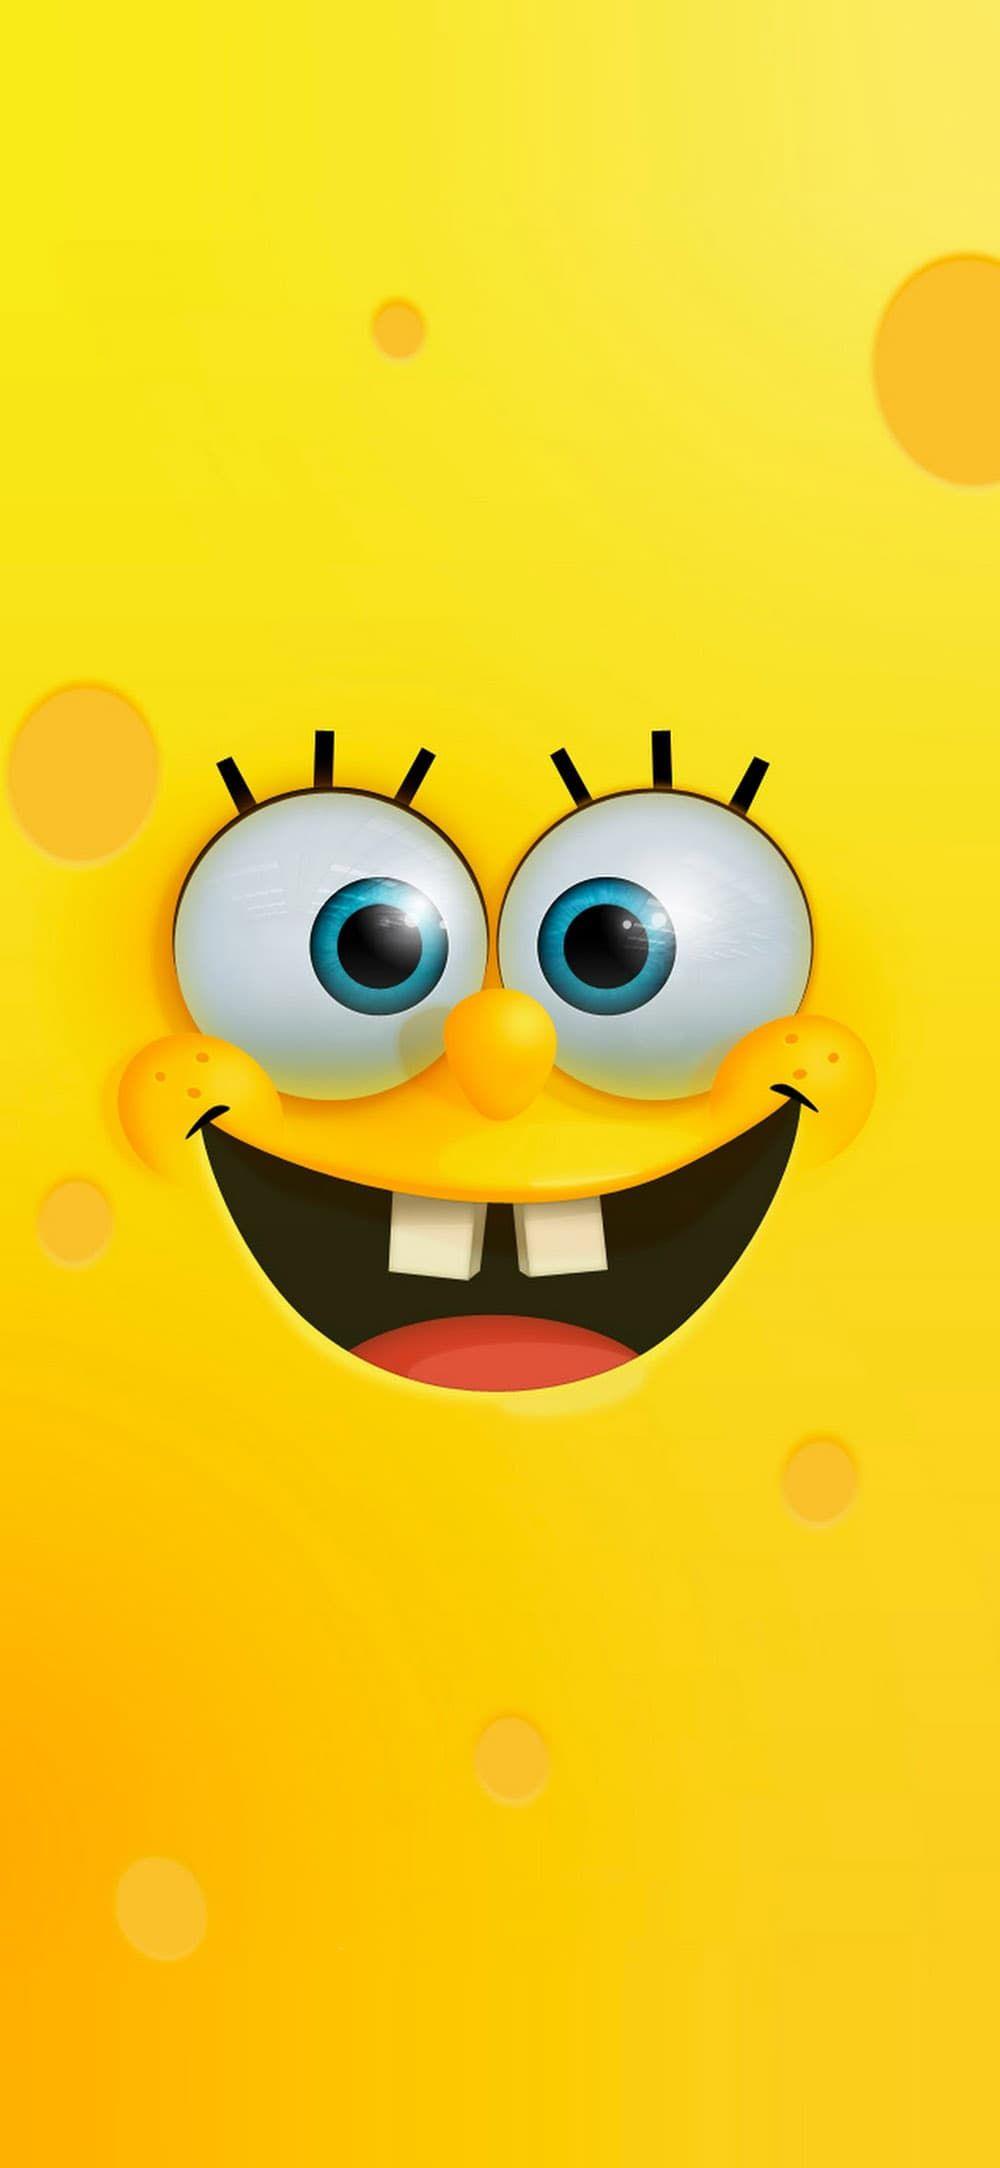 اجمل خلفيات الايفون بجودة Hd Iphone Wallpaper Spongebob Iphone Wallpaper 3d Wallpaper Iphone Minions Wallpaper